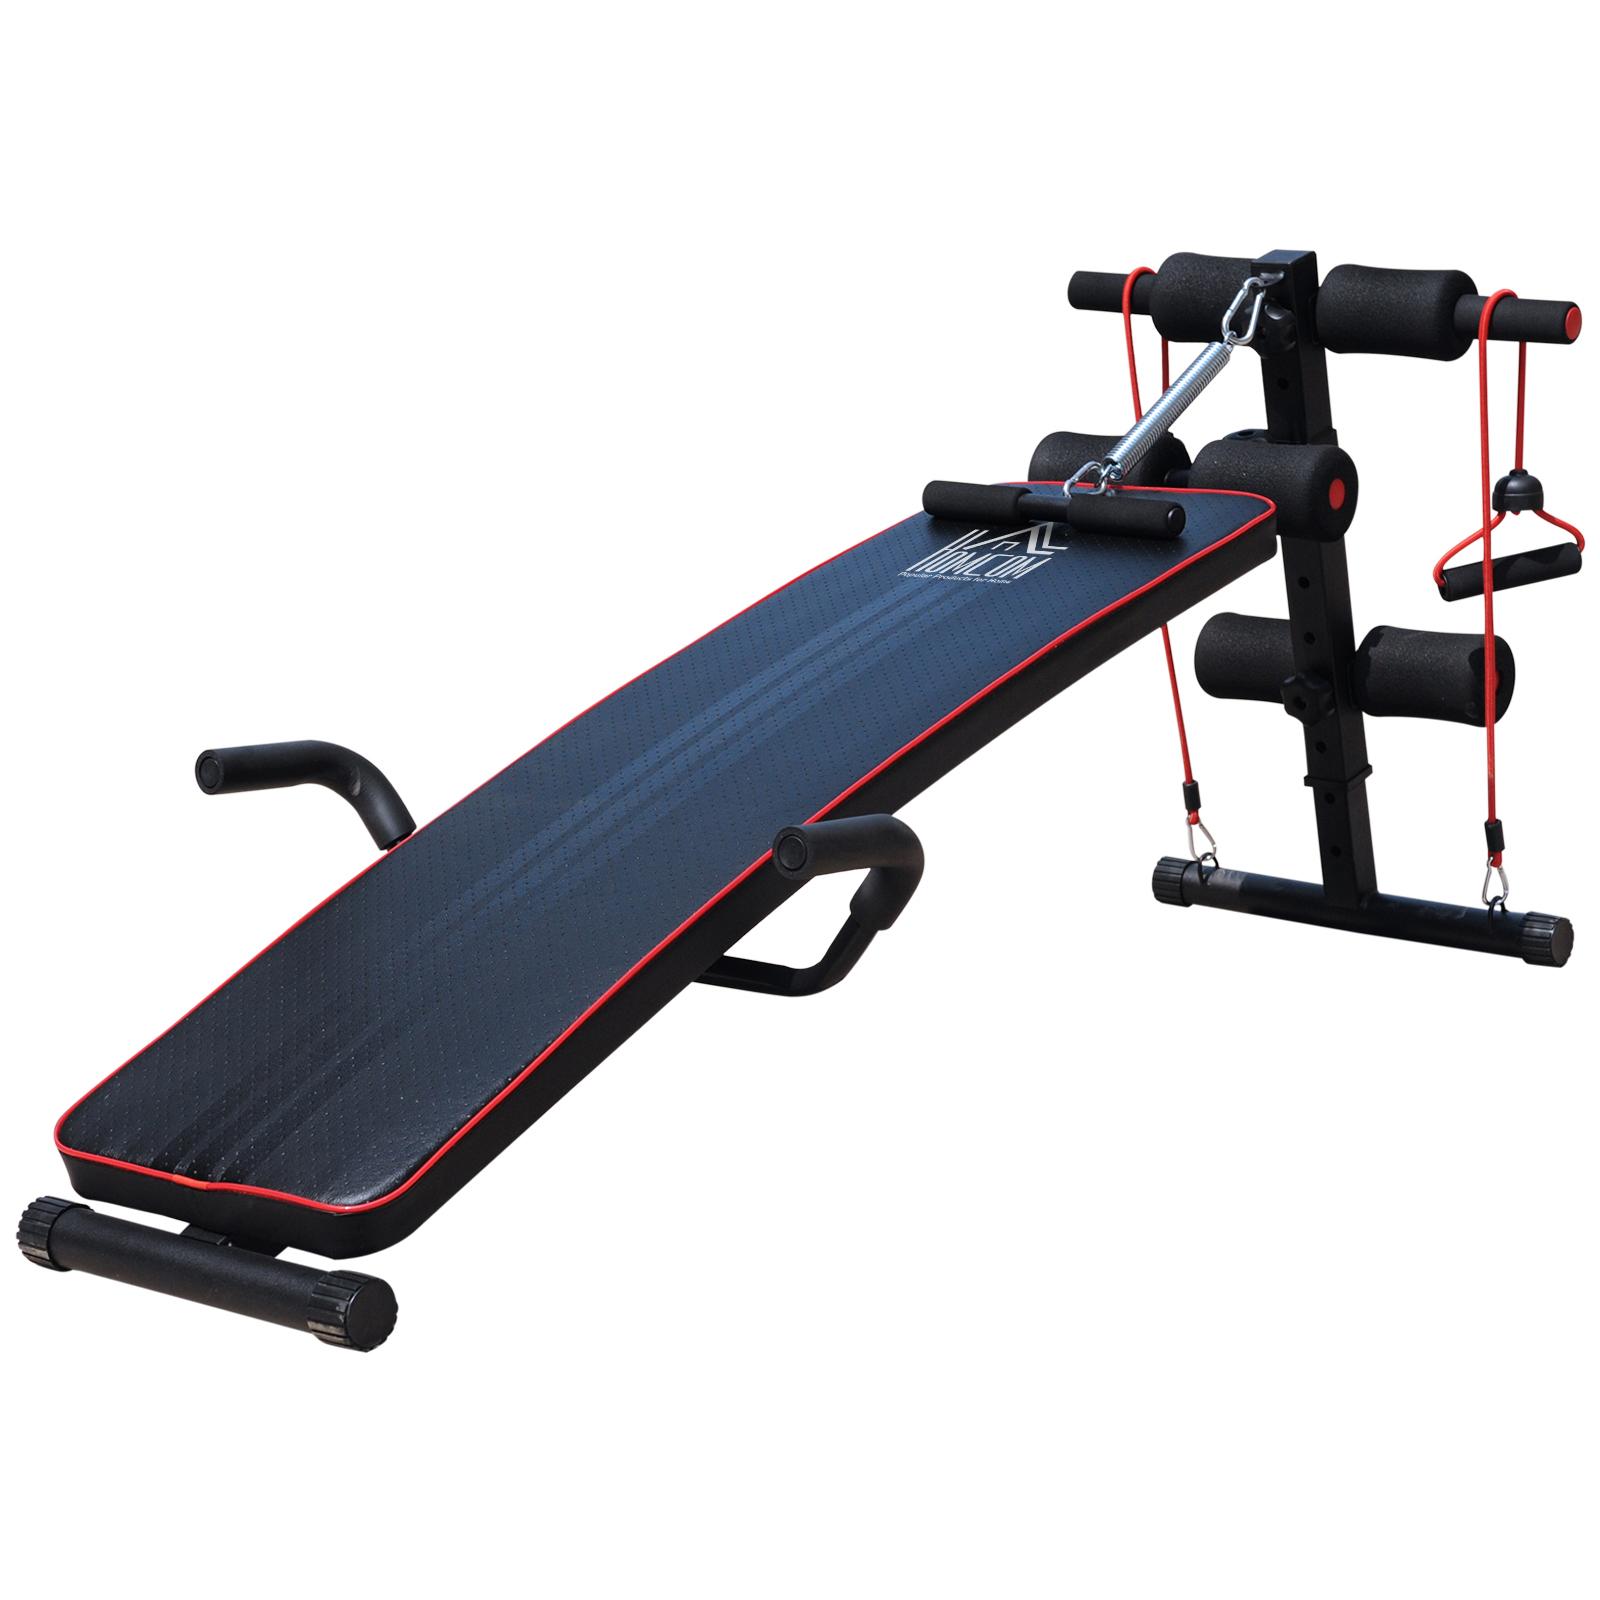 Homcom Banc de musculation appareil à abdo hauteur réglable 135L x 57l x 50-68H cm 2 bandes de résistances + ressort central traction acier noir rouge